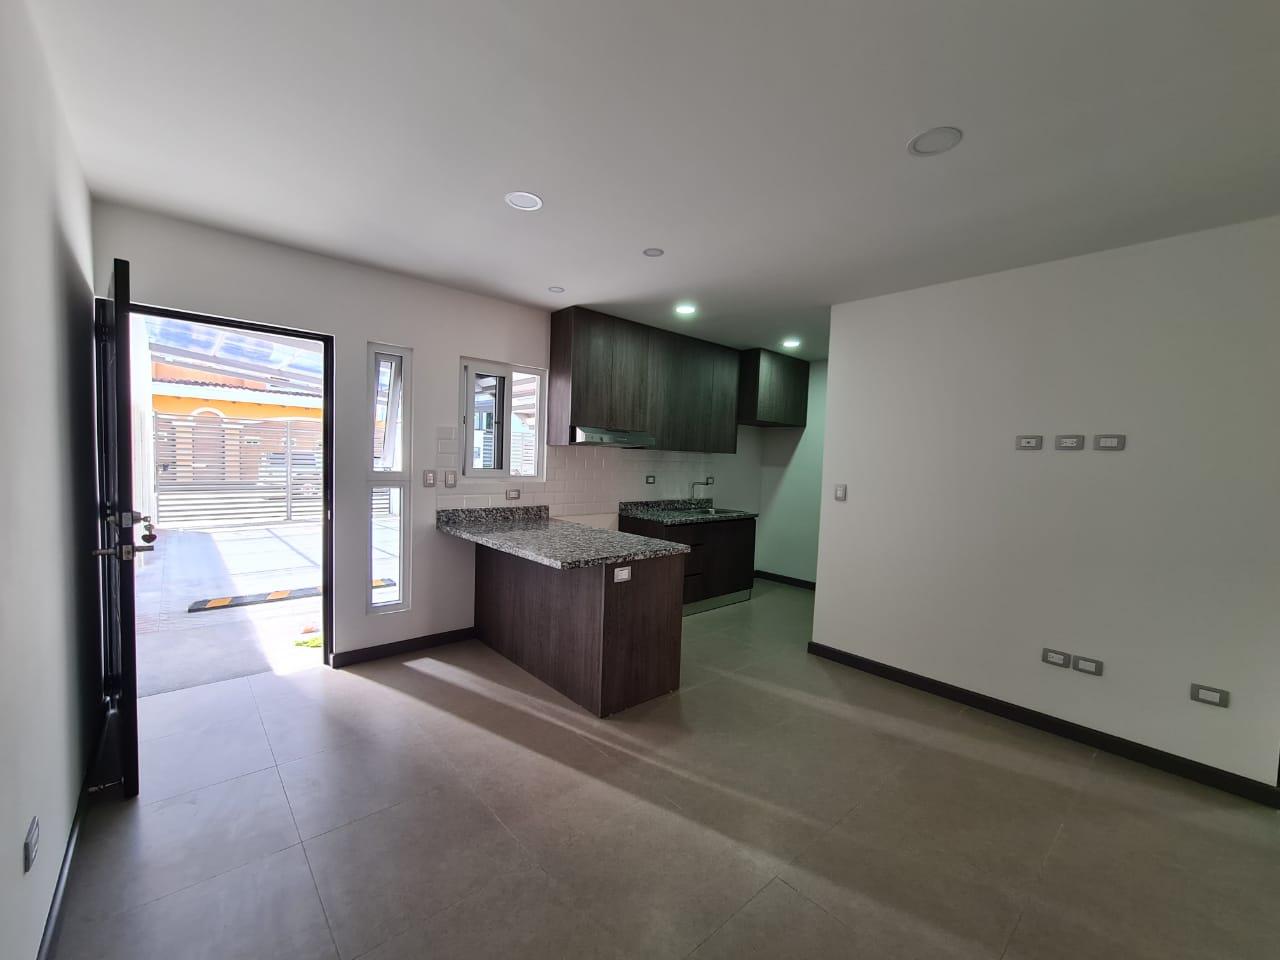 Alquiler de apartamento de 2 cuartos ubicado en Santa Ana